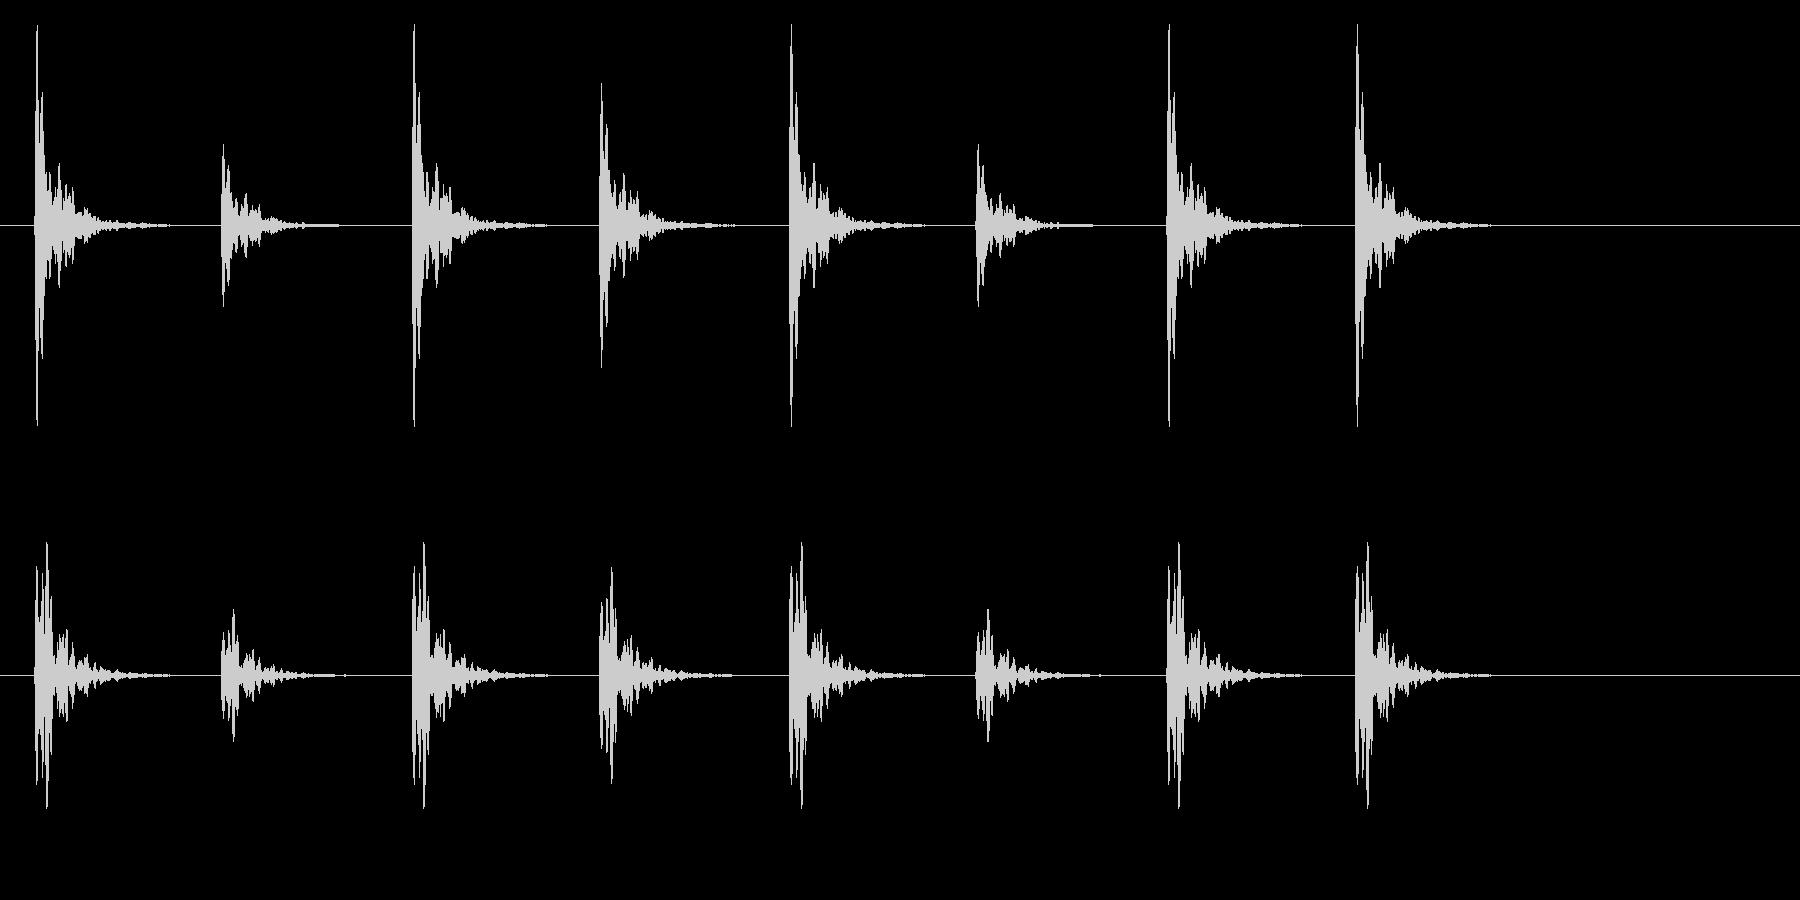 ポクポク2 木魚・シンキングタイム5秒の未再生の波形